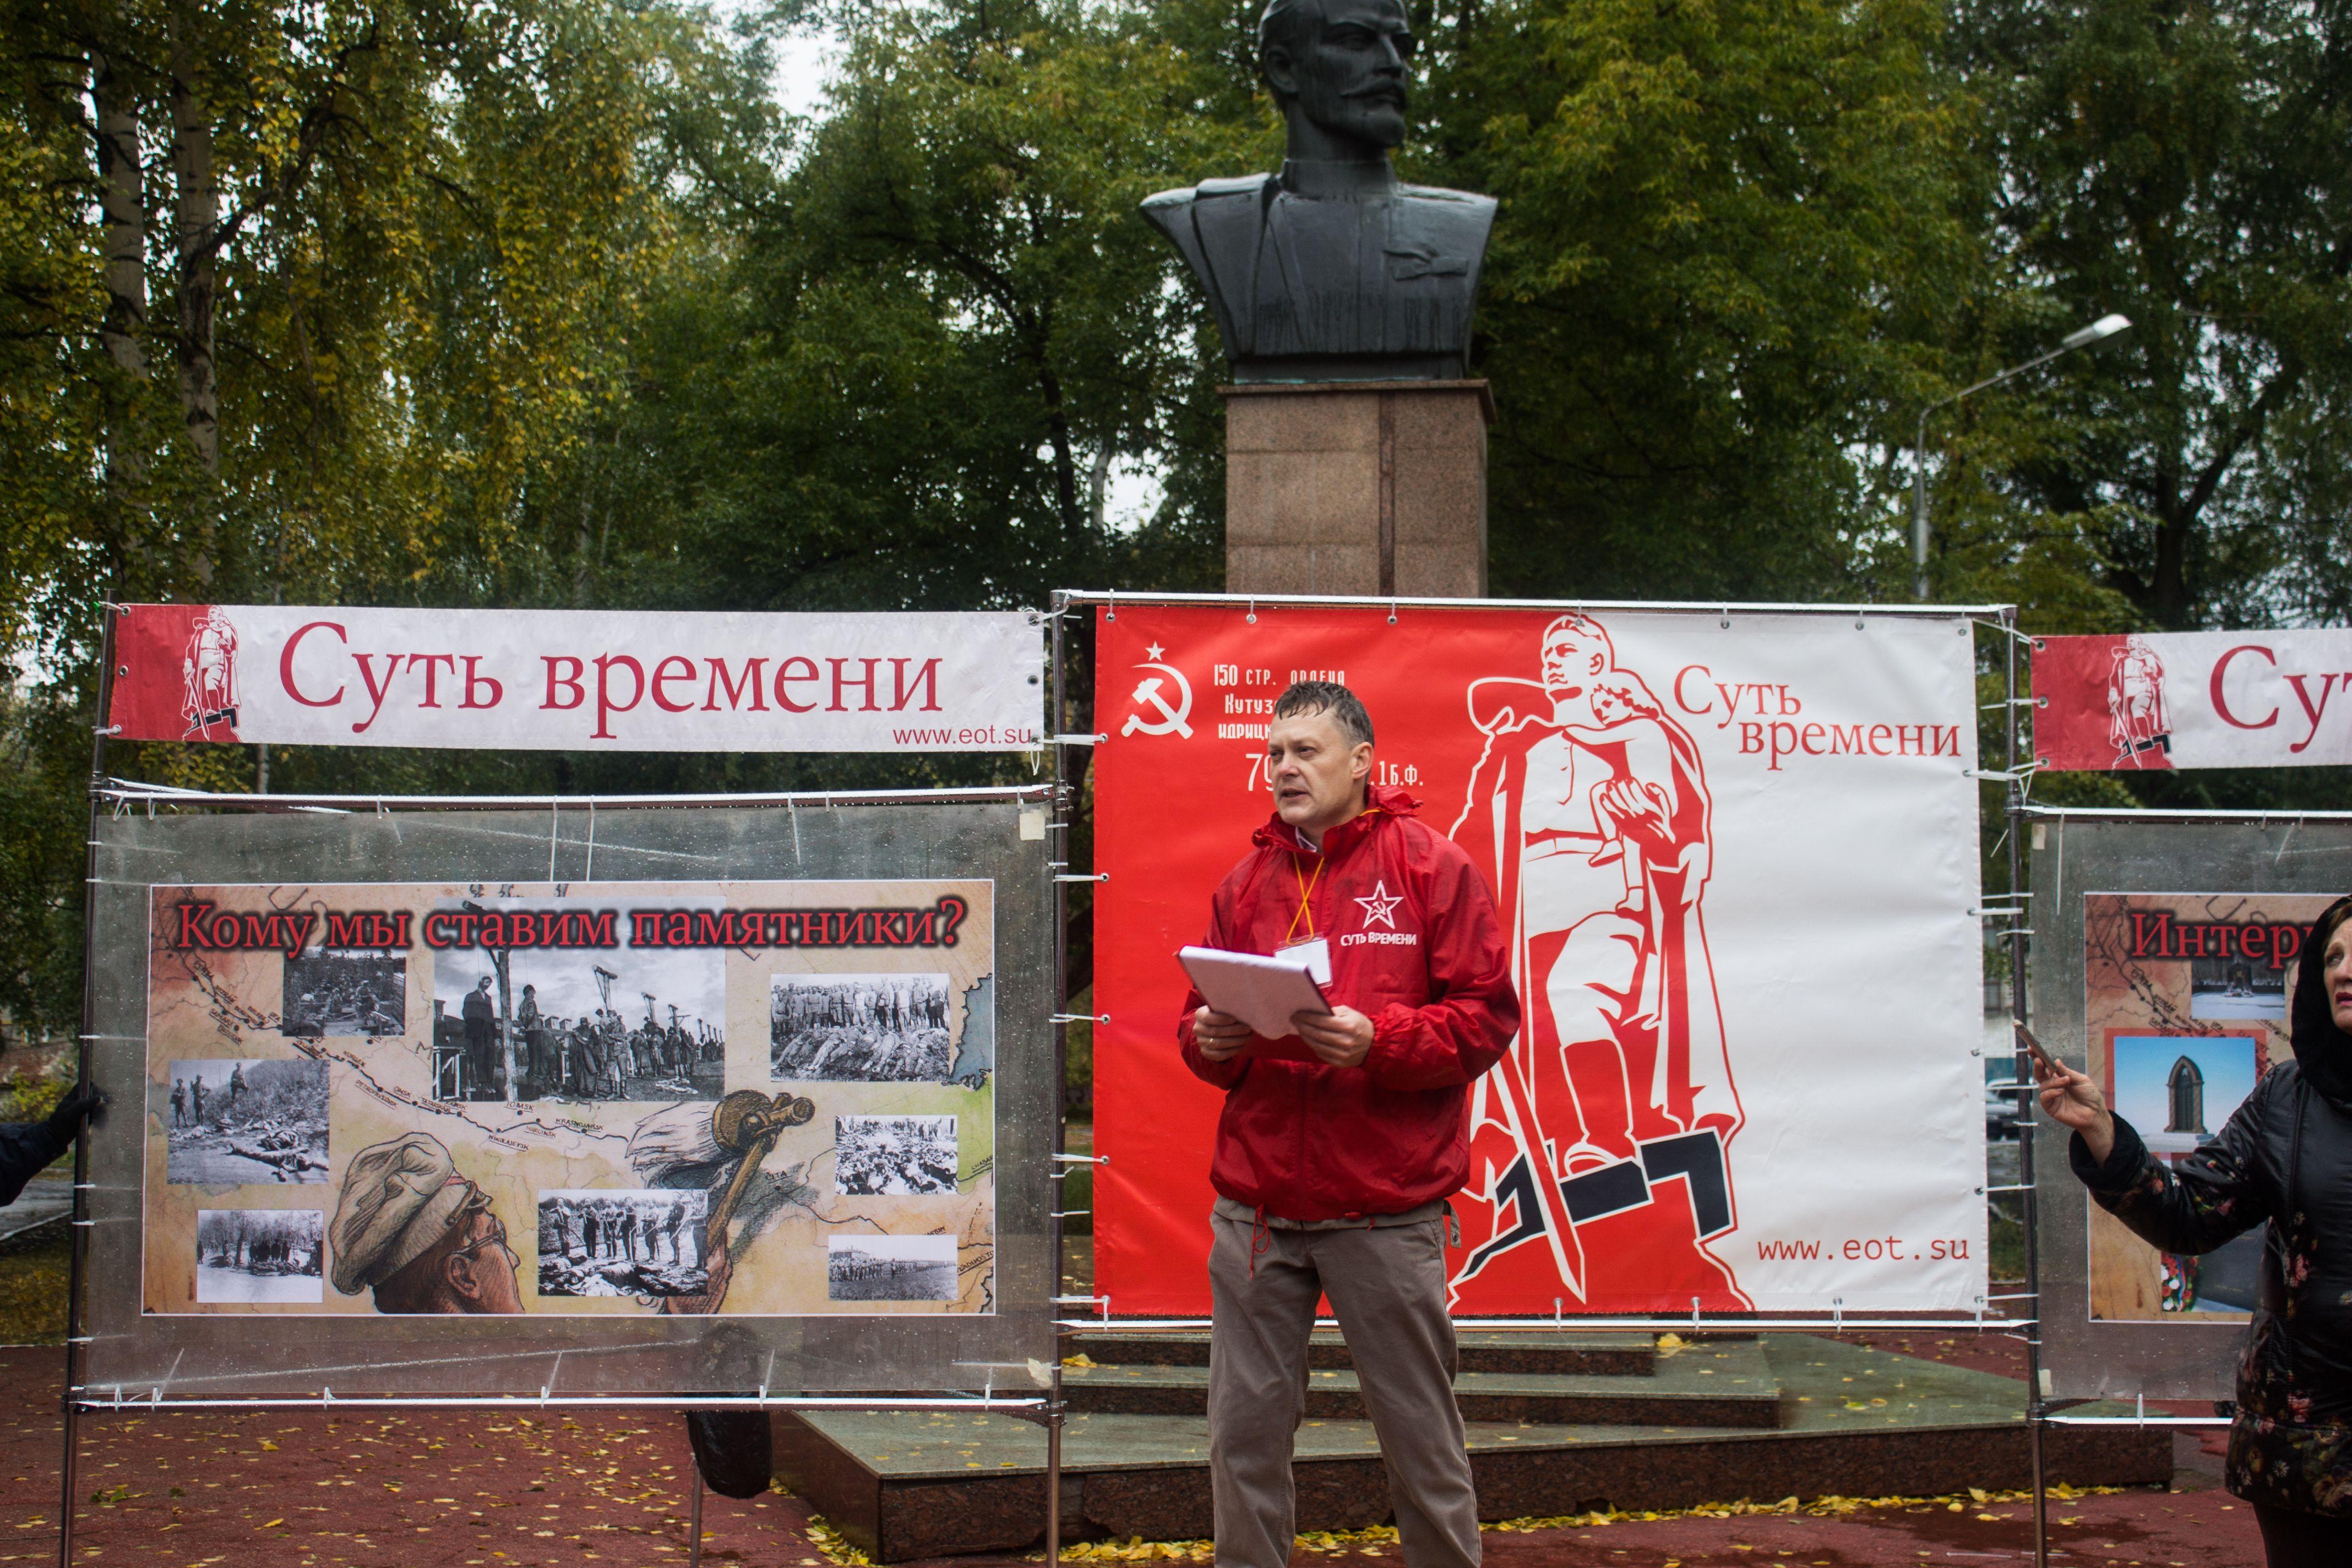 20171007_11-01-В Самаре проходит пикет против установки памятника белочехам-pic3.